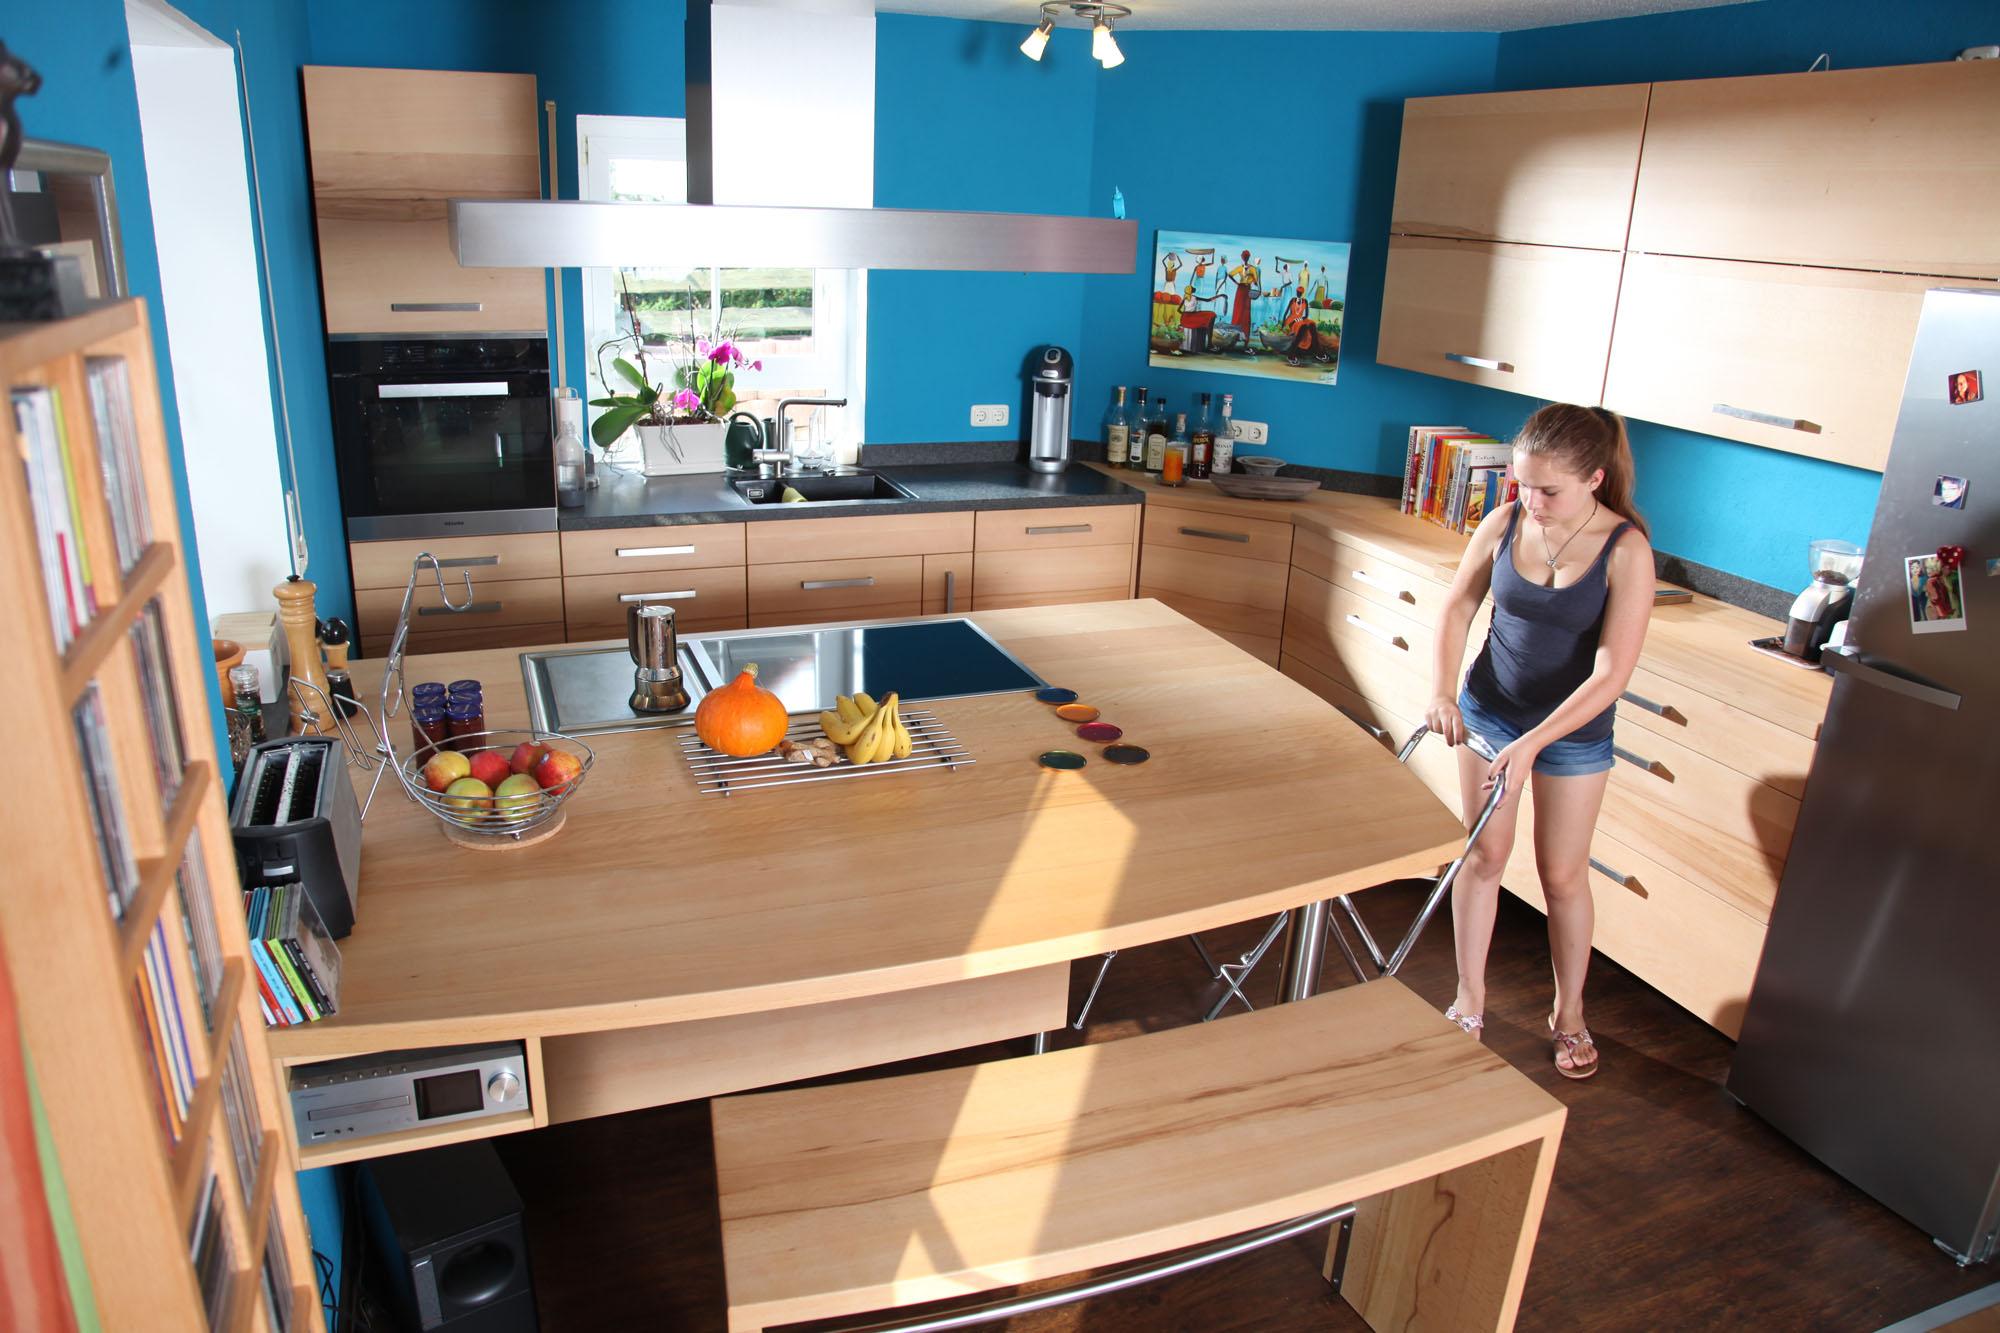 Tag der küche aus massivholz archive   das nachhaltigkeitsblog der ...